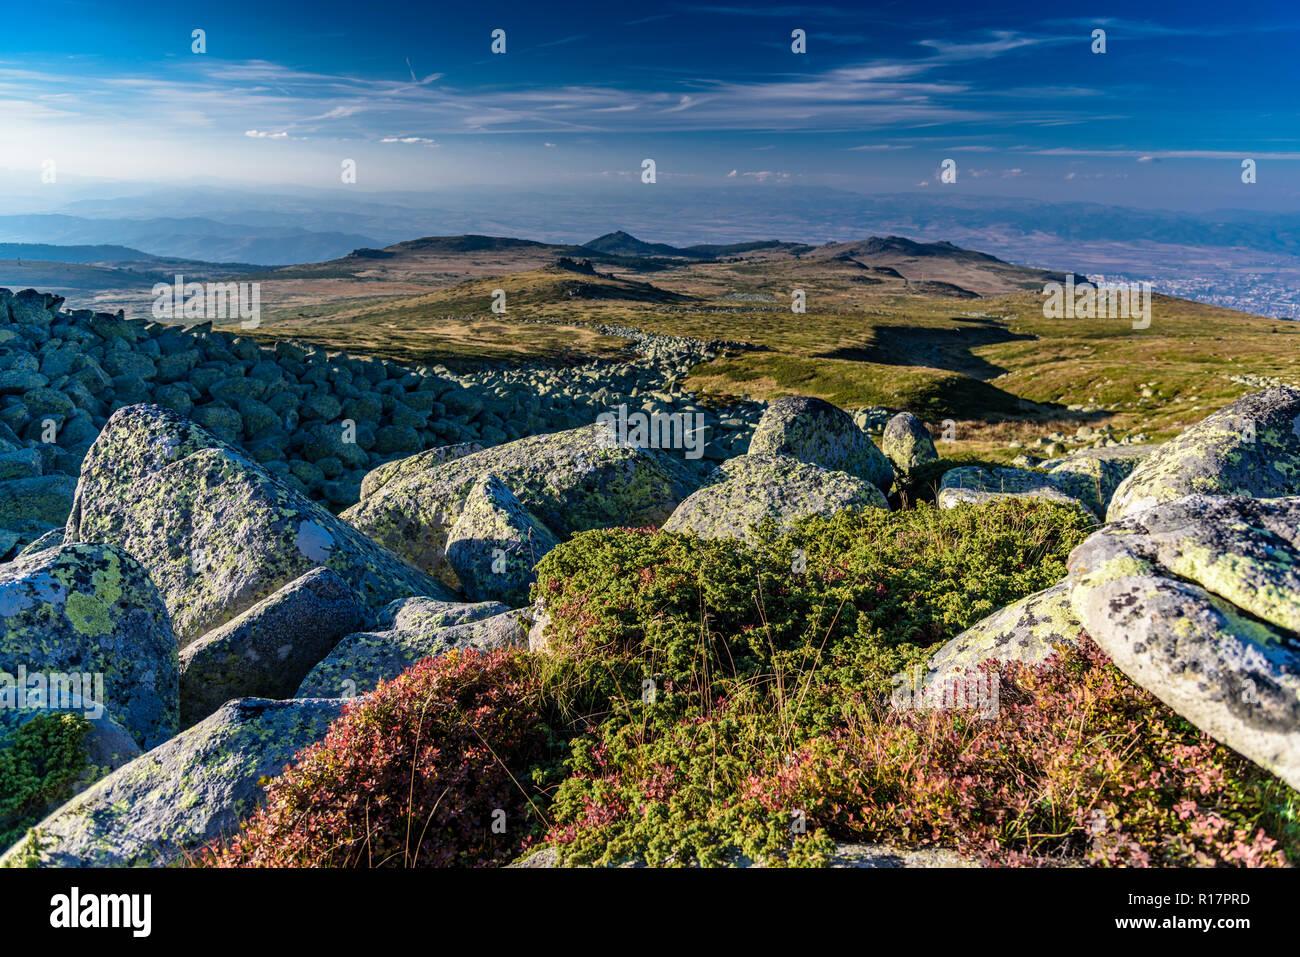 Schöne atemberaubende Bergwelt im Sommer - grüne Gras, Wald, Felsen, Sonnenschein, tolle Licht - der perfekte Ort, um zu wandern und die Natur zu schätzen wissen Stockbild